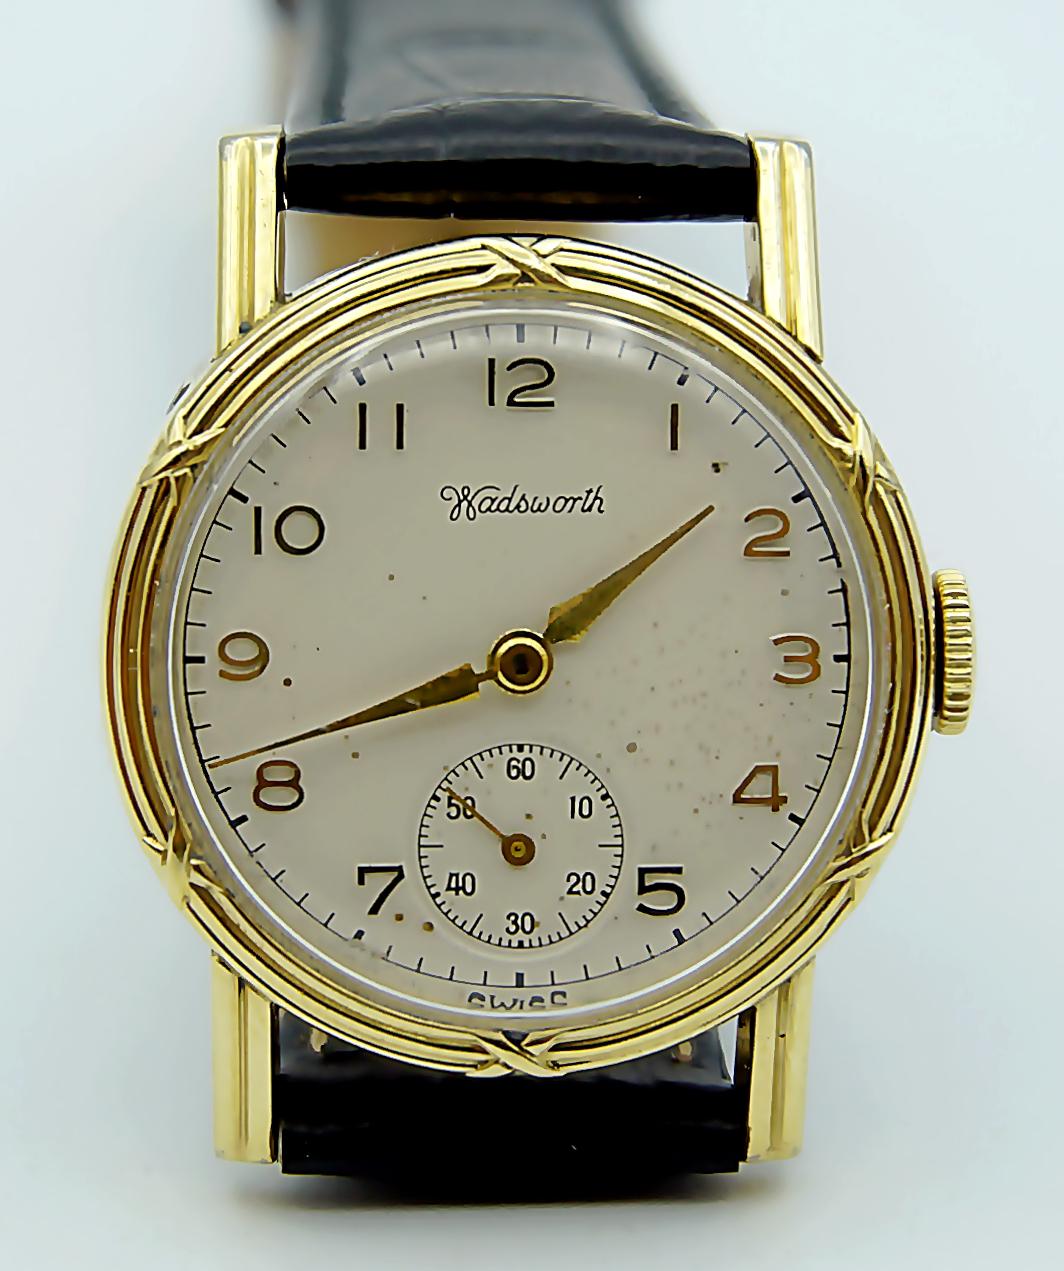 นาฬิกาเก่า WADSWORTH ไขลานสองเข็มครึ่ง